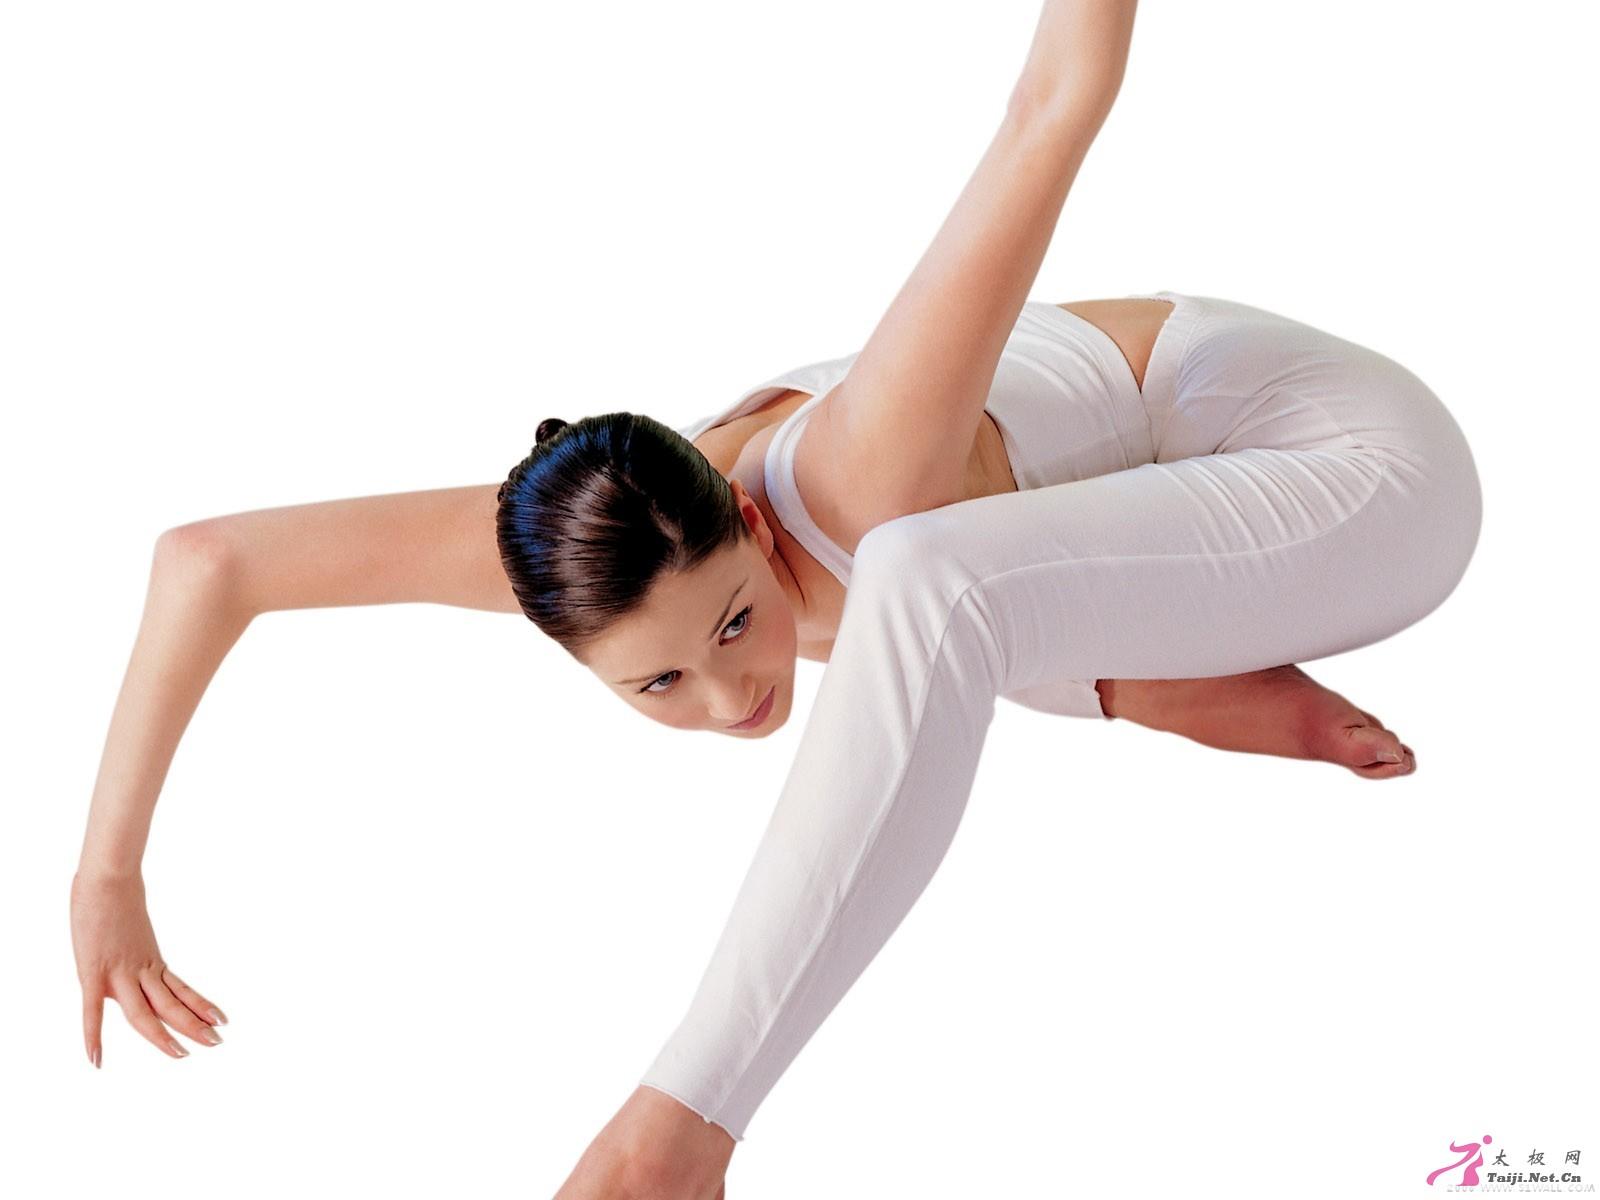 瑜伽中模仿动物的姿态可以令我们的颈椎更舒服更健康